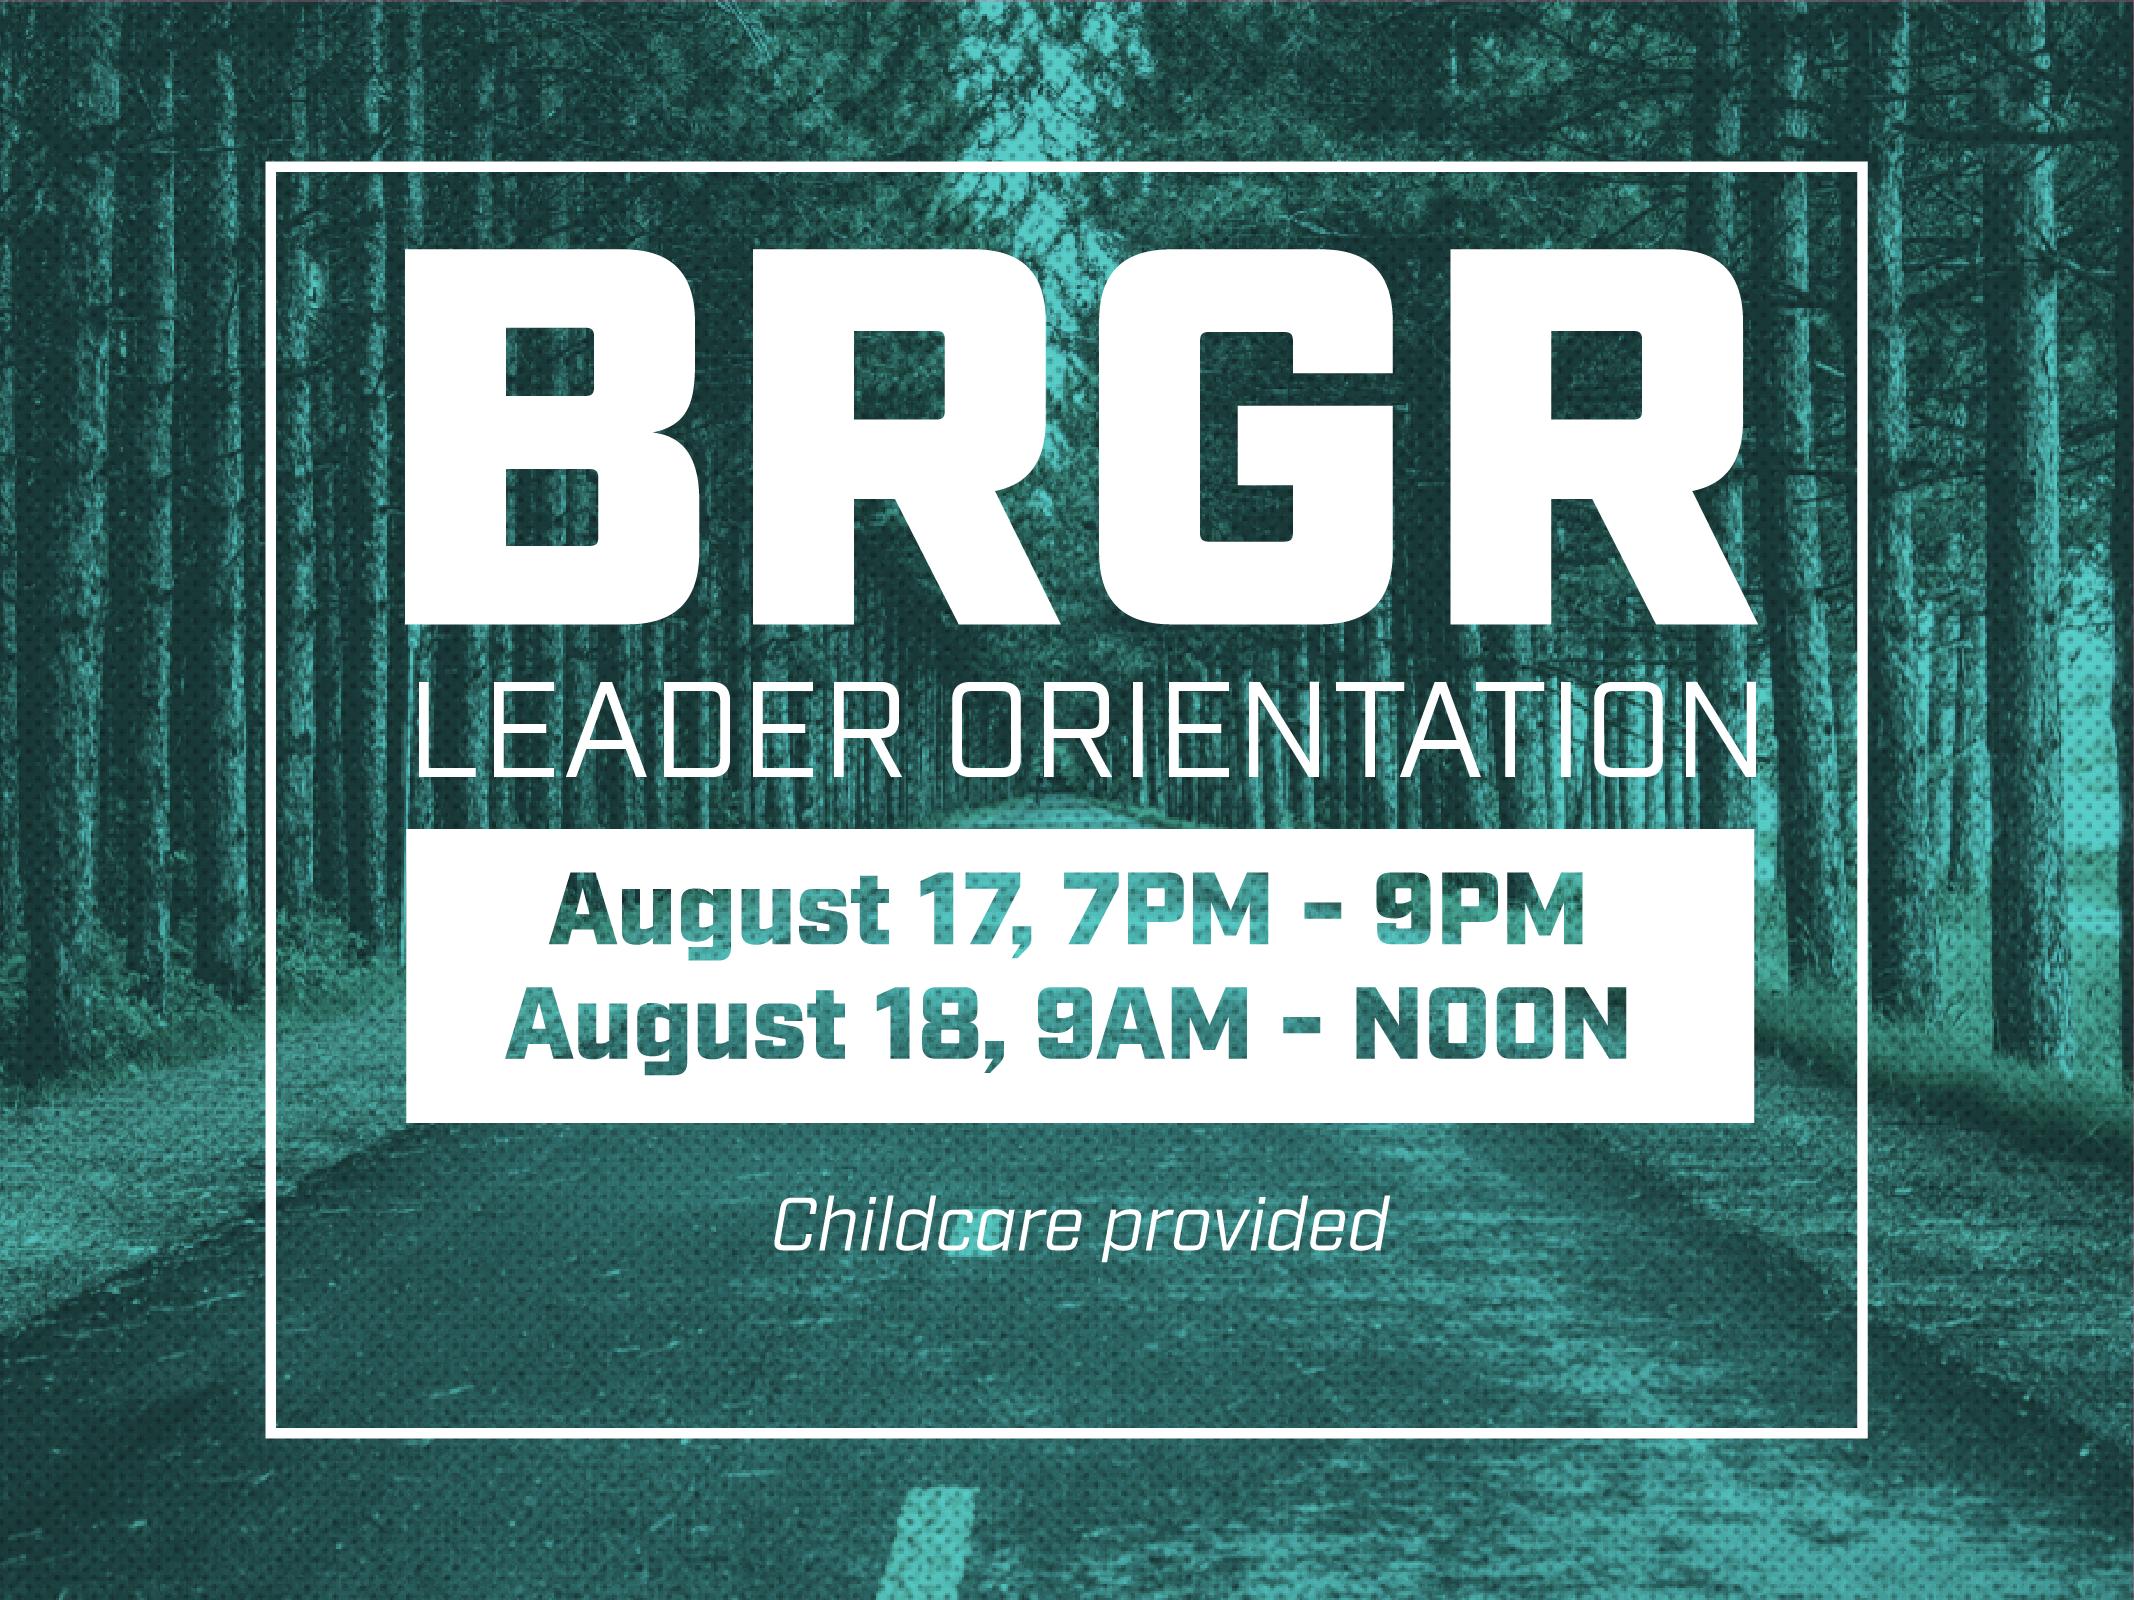 August brgr leader orientation 01